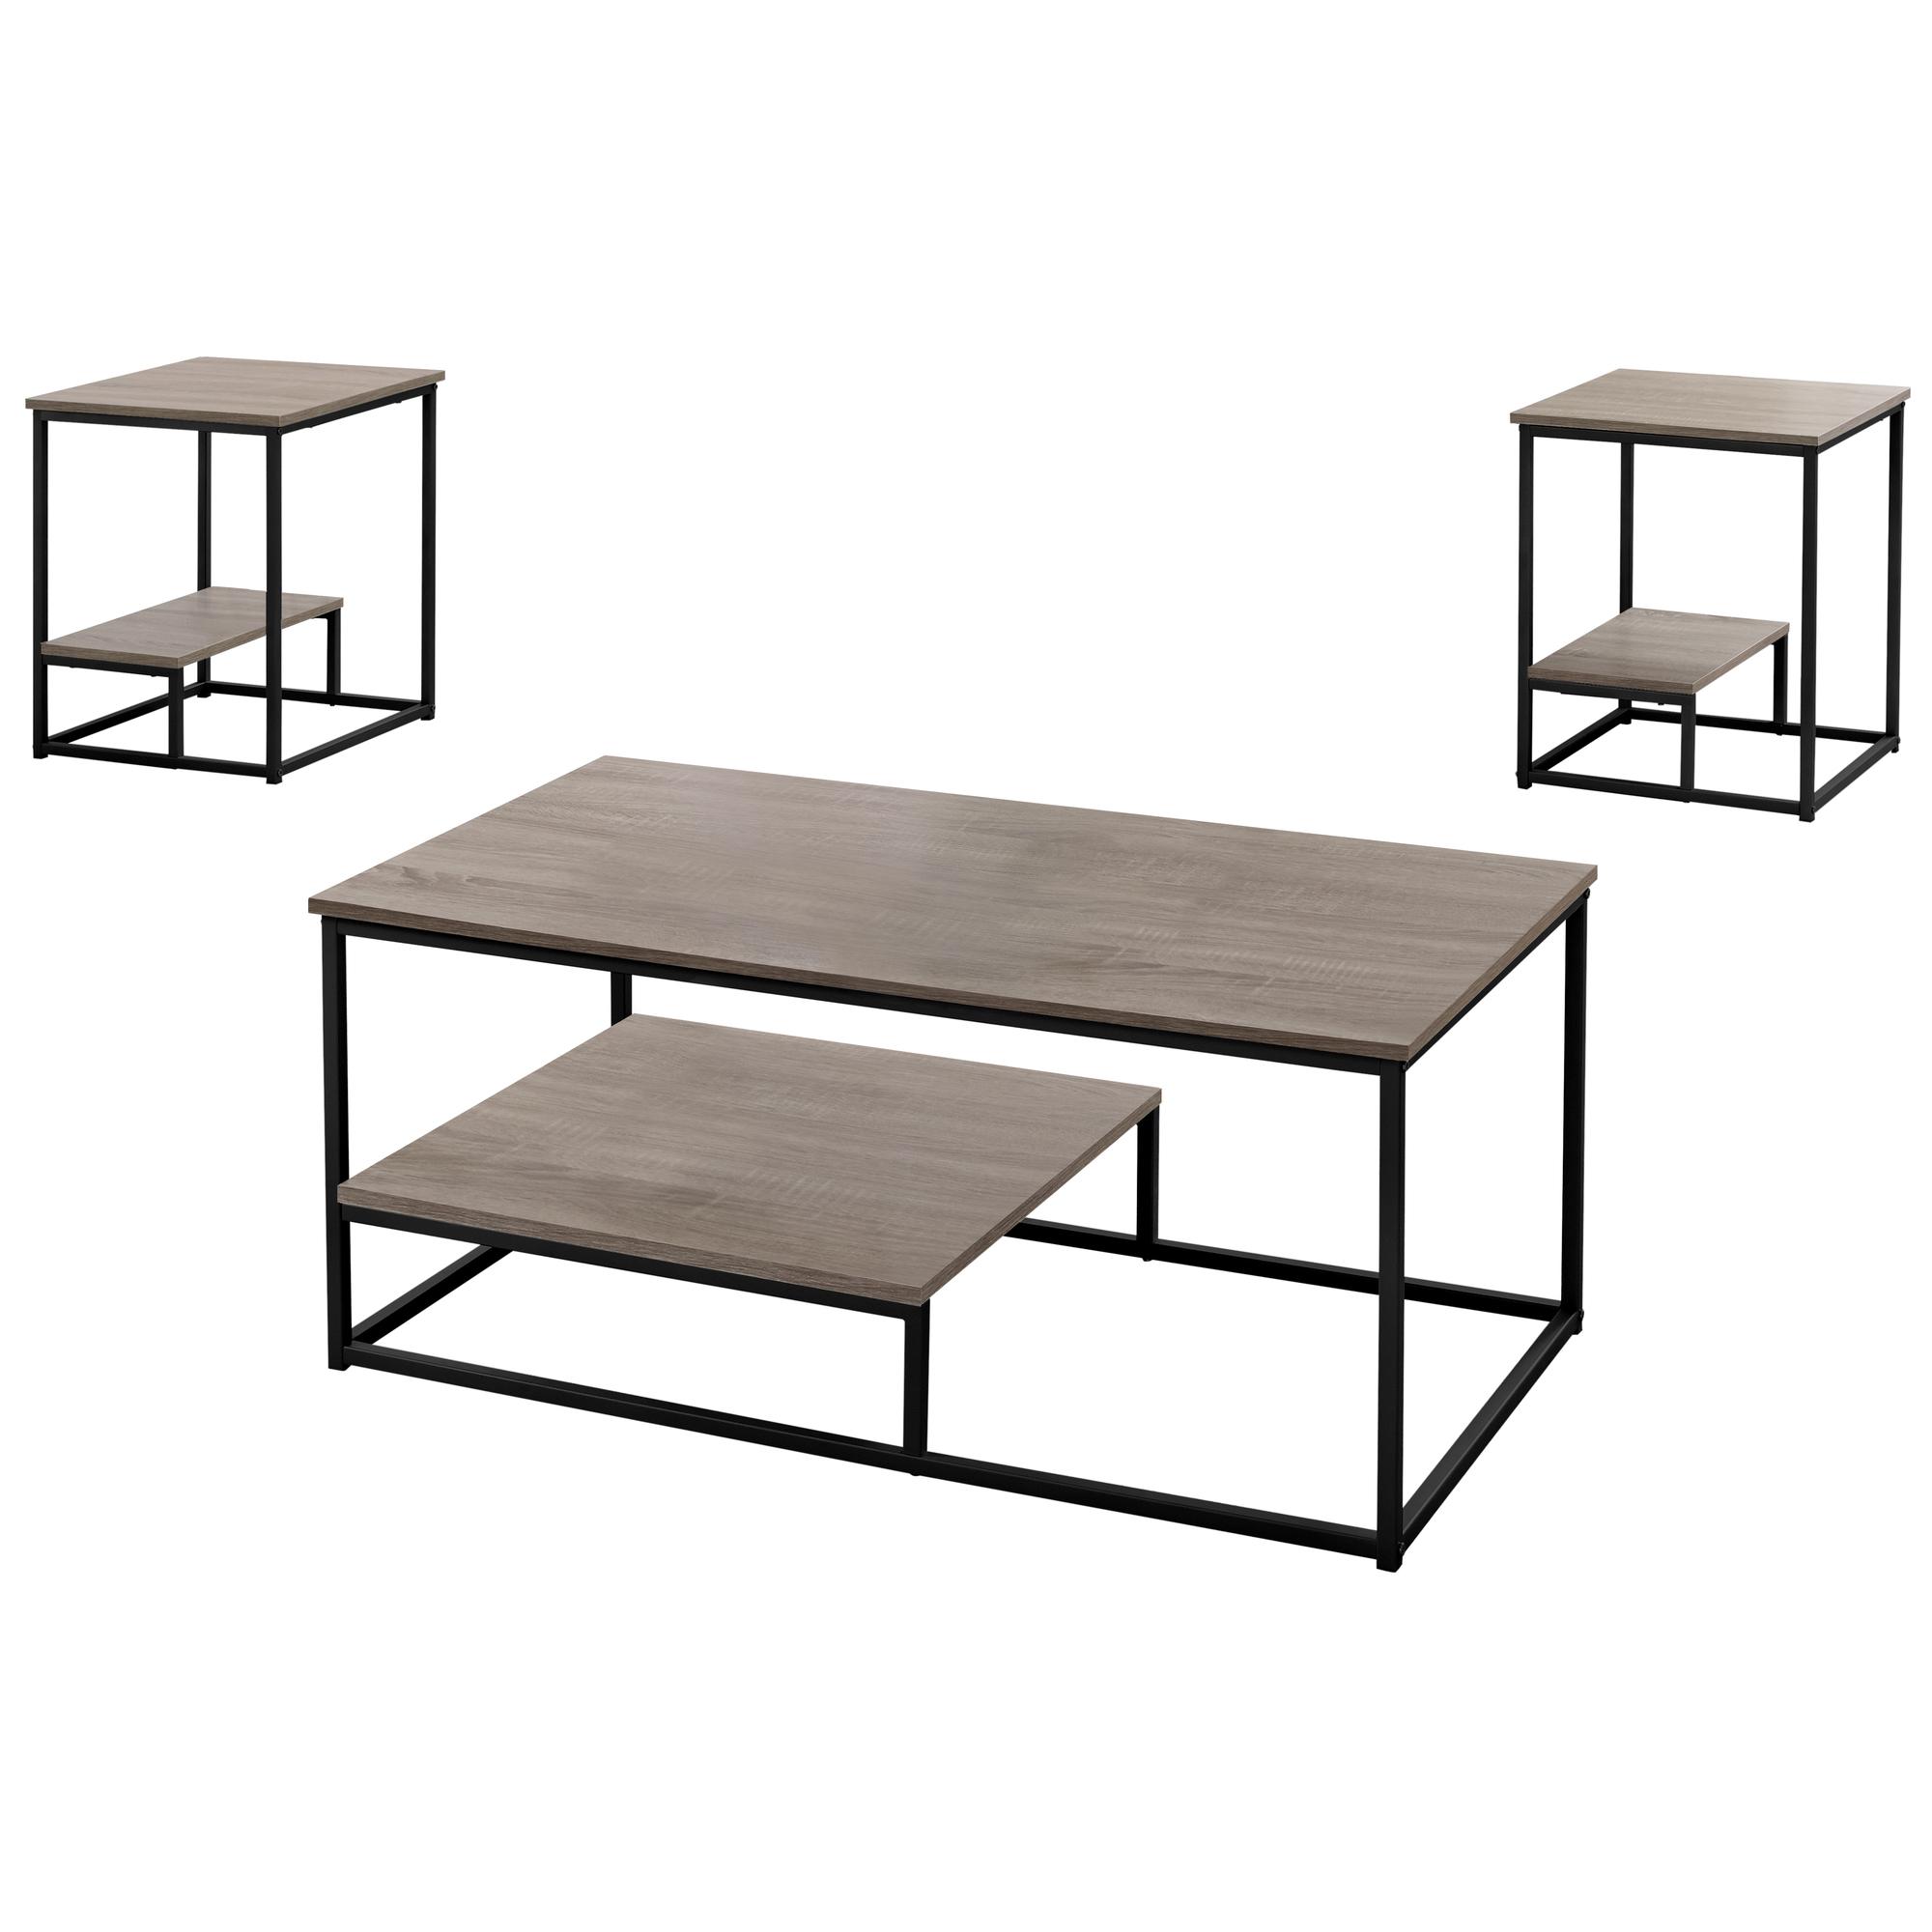 Dark Taupe Black Metal Table Set - 3Pcs Set